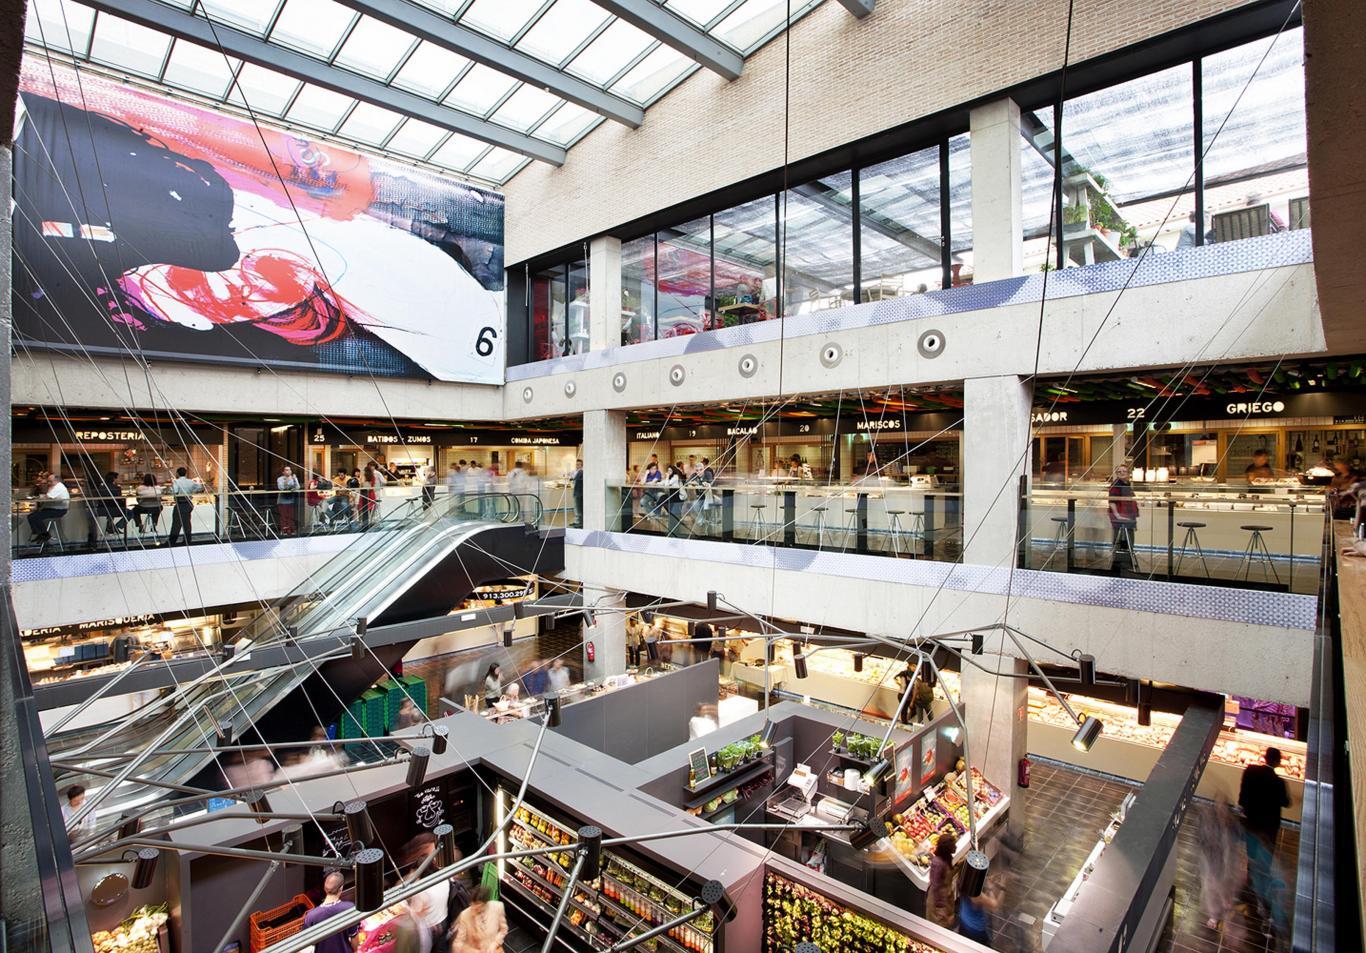 Imagen del interior de un mercado